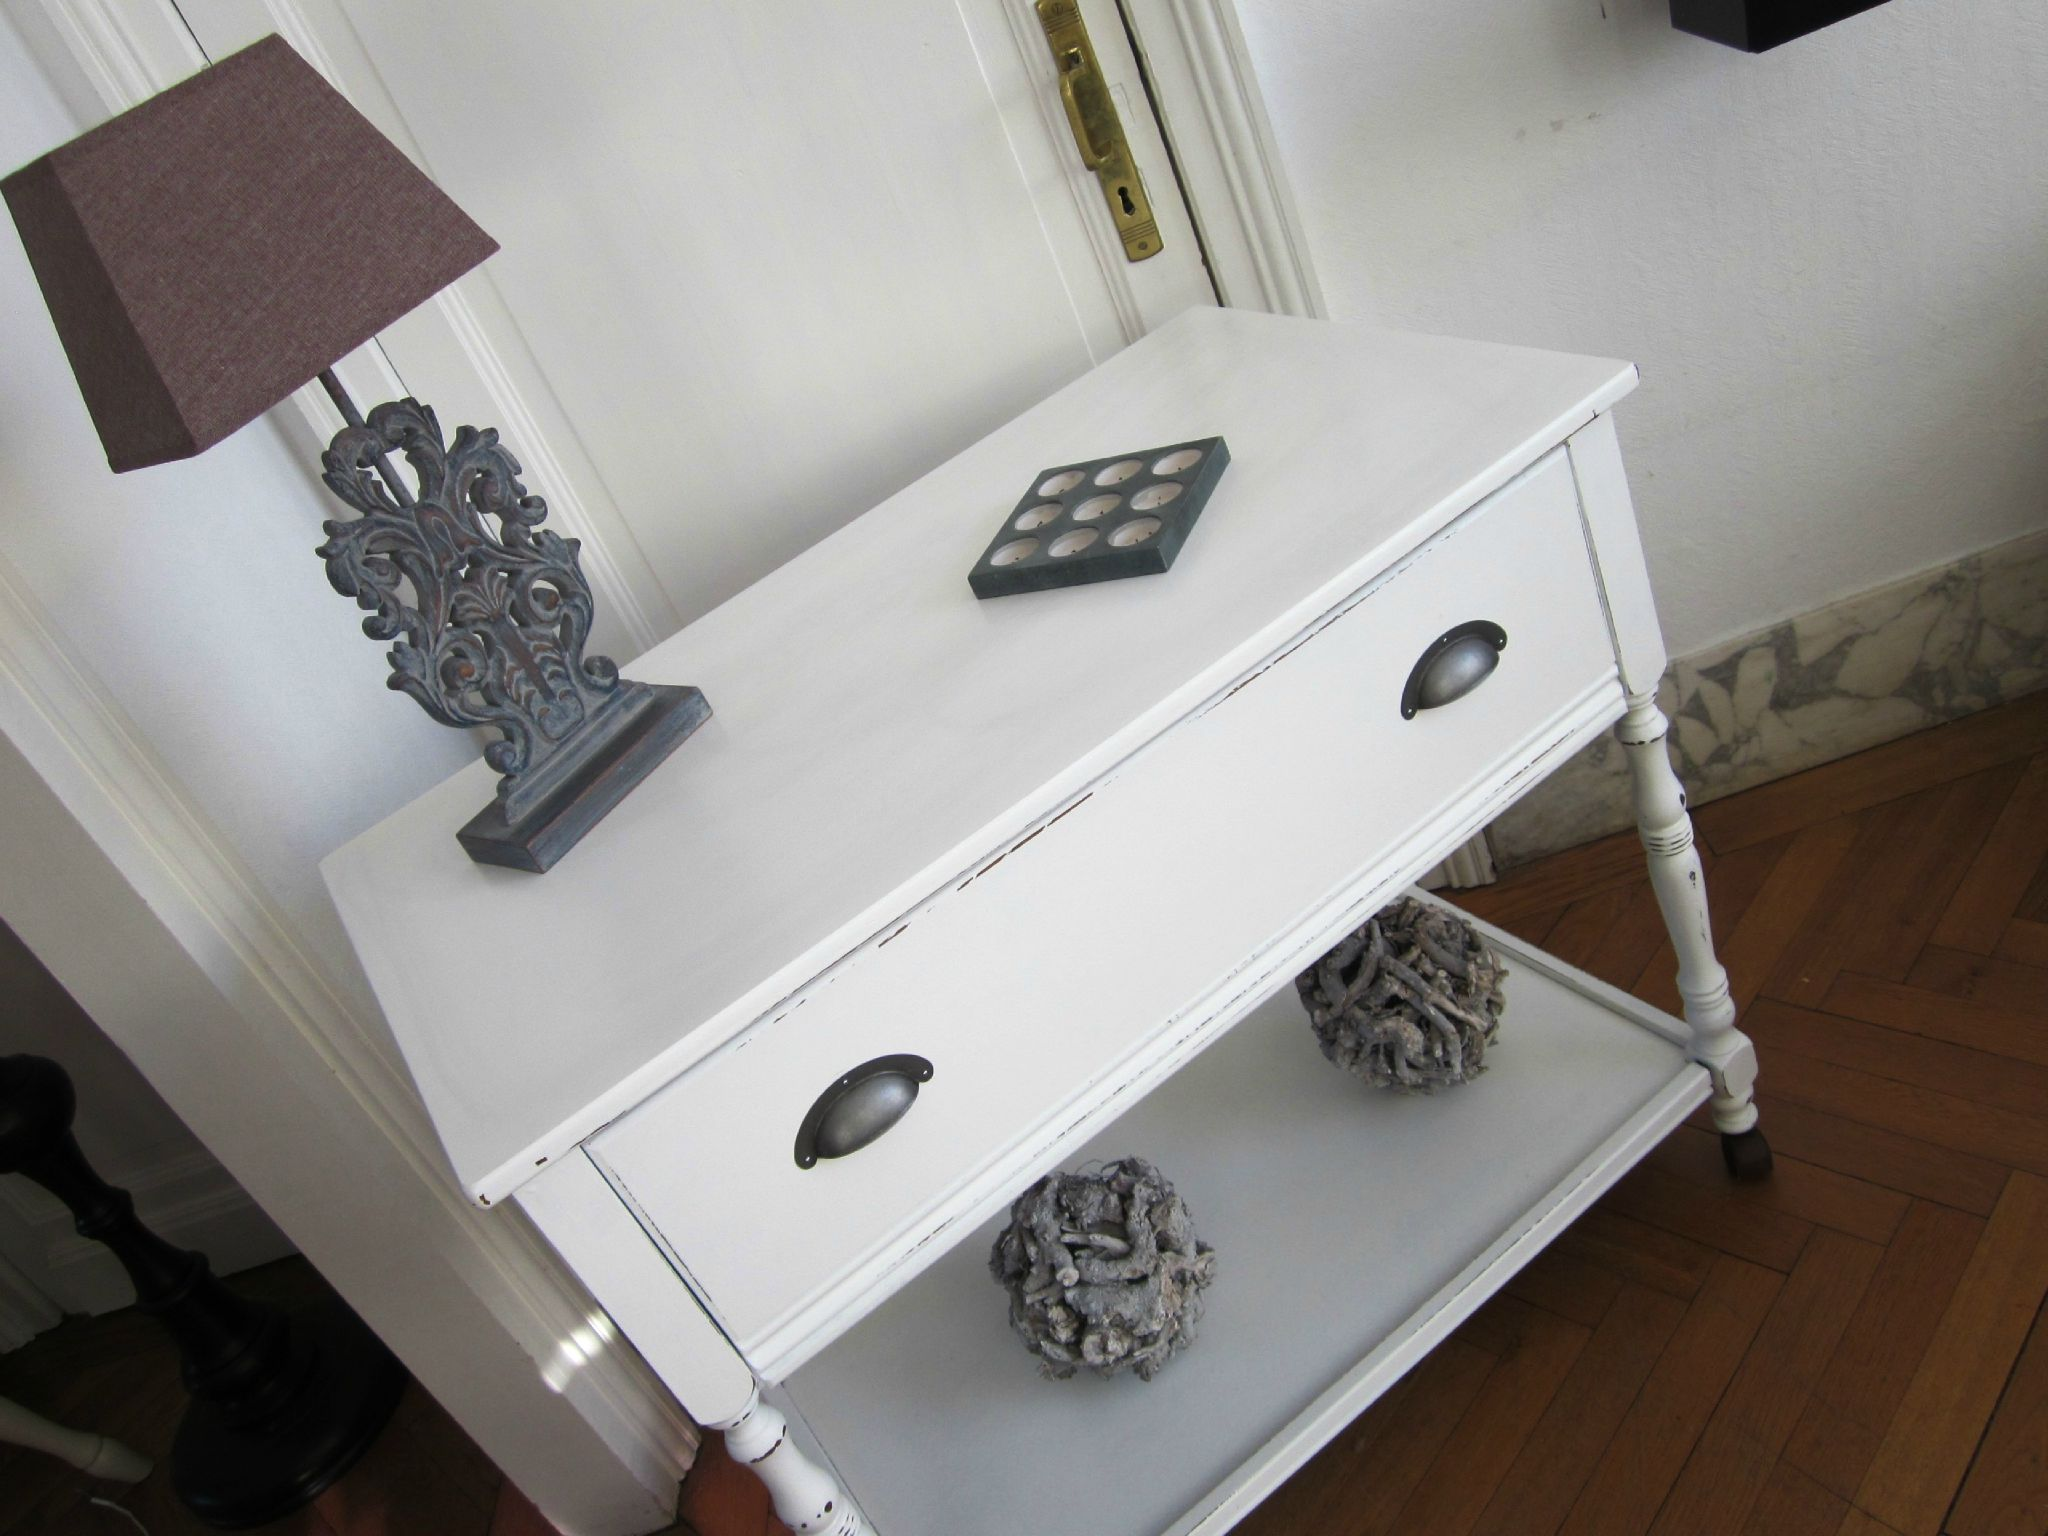 projet top secret la revelation ma bulle. Black Bedroom Furniture Sets. Home Design Ideas